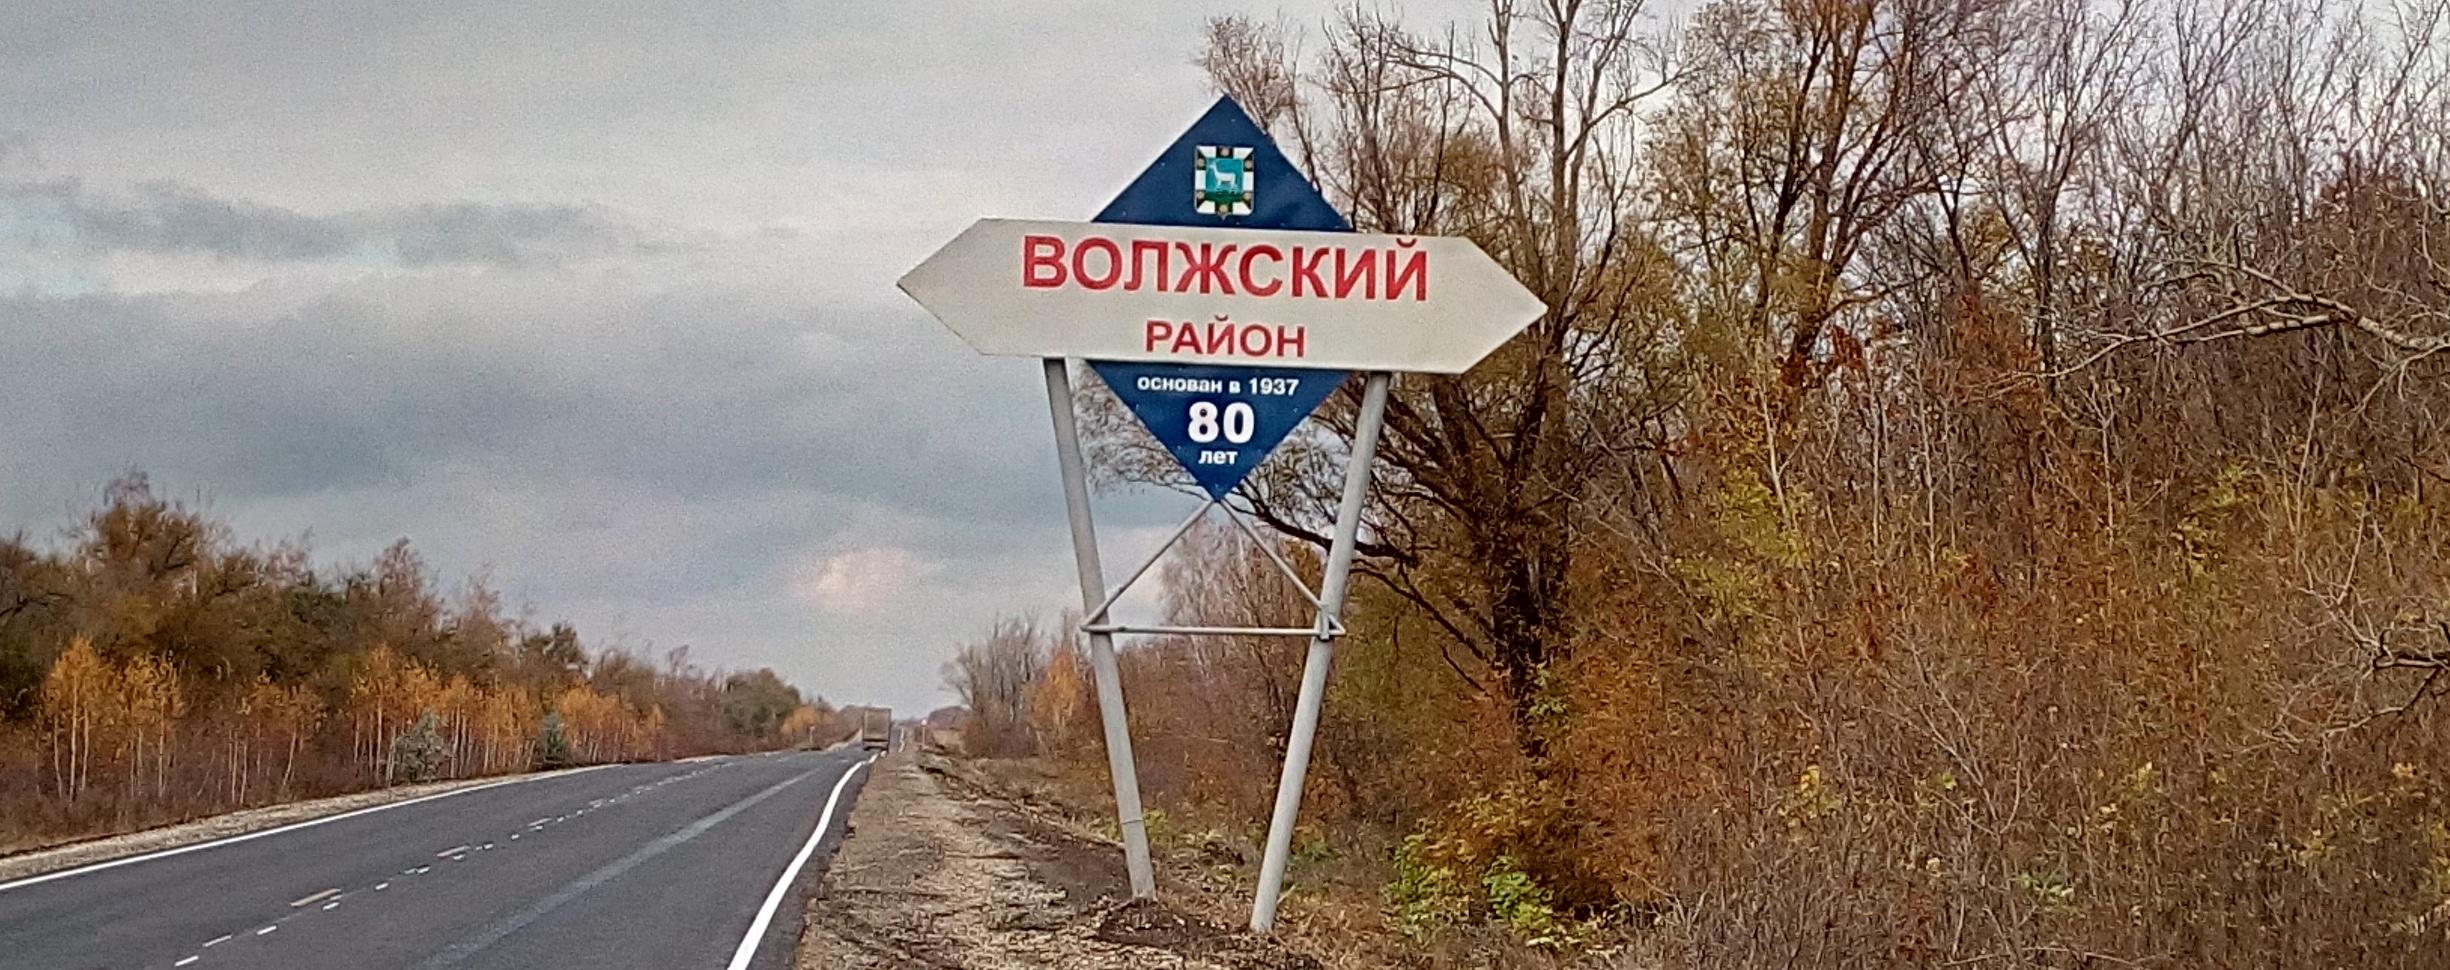 Спутниковое ТВ в Волжском районе